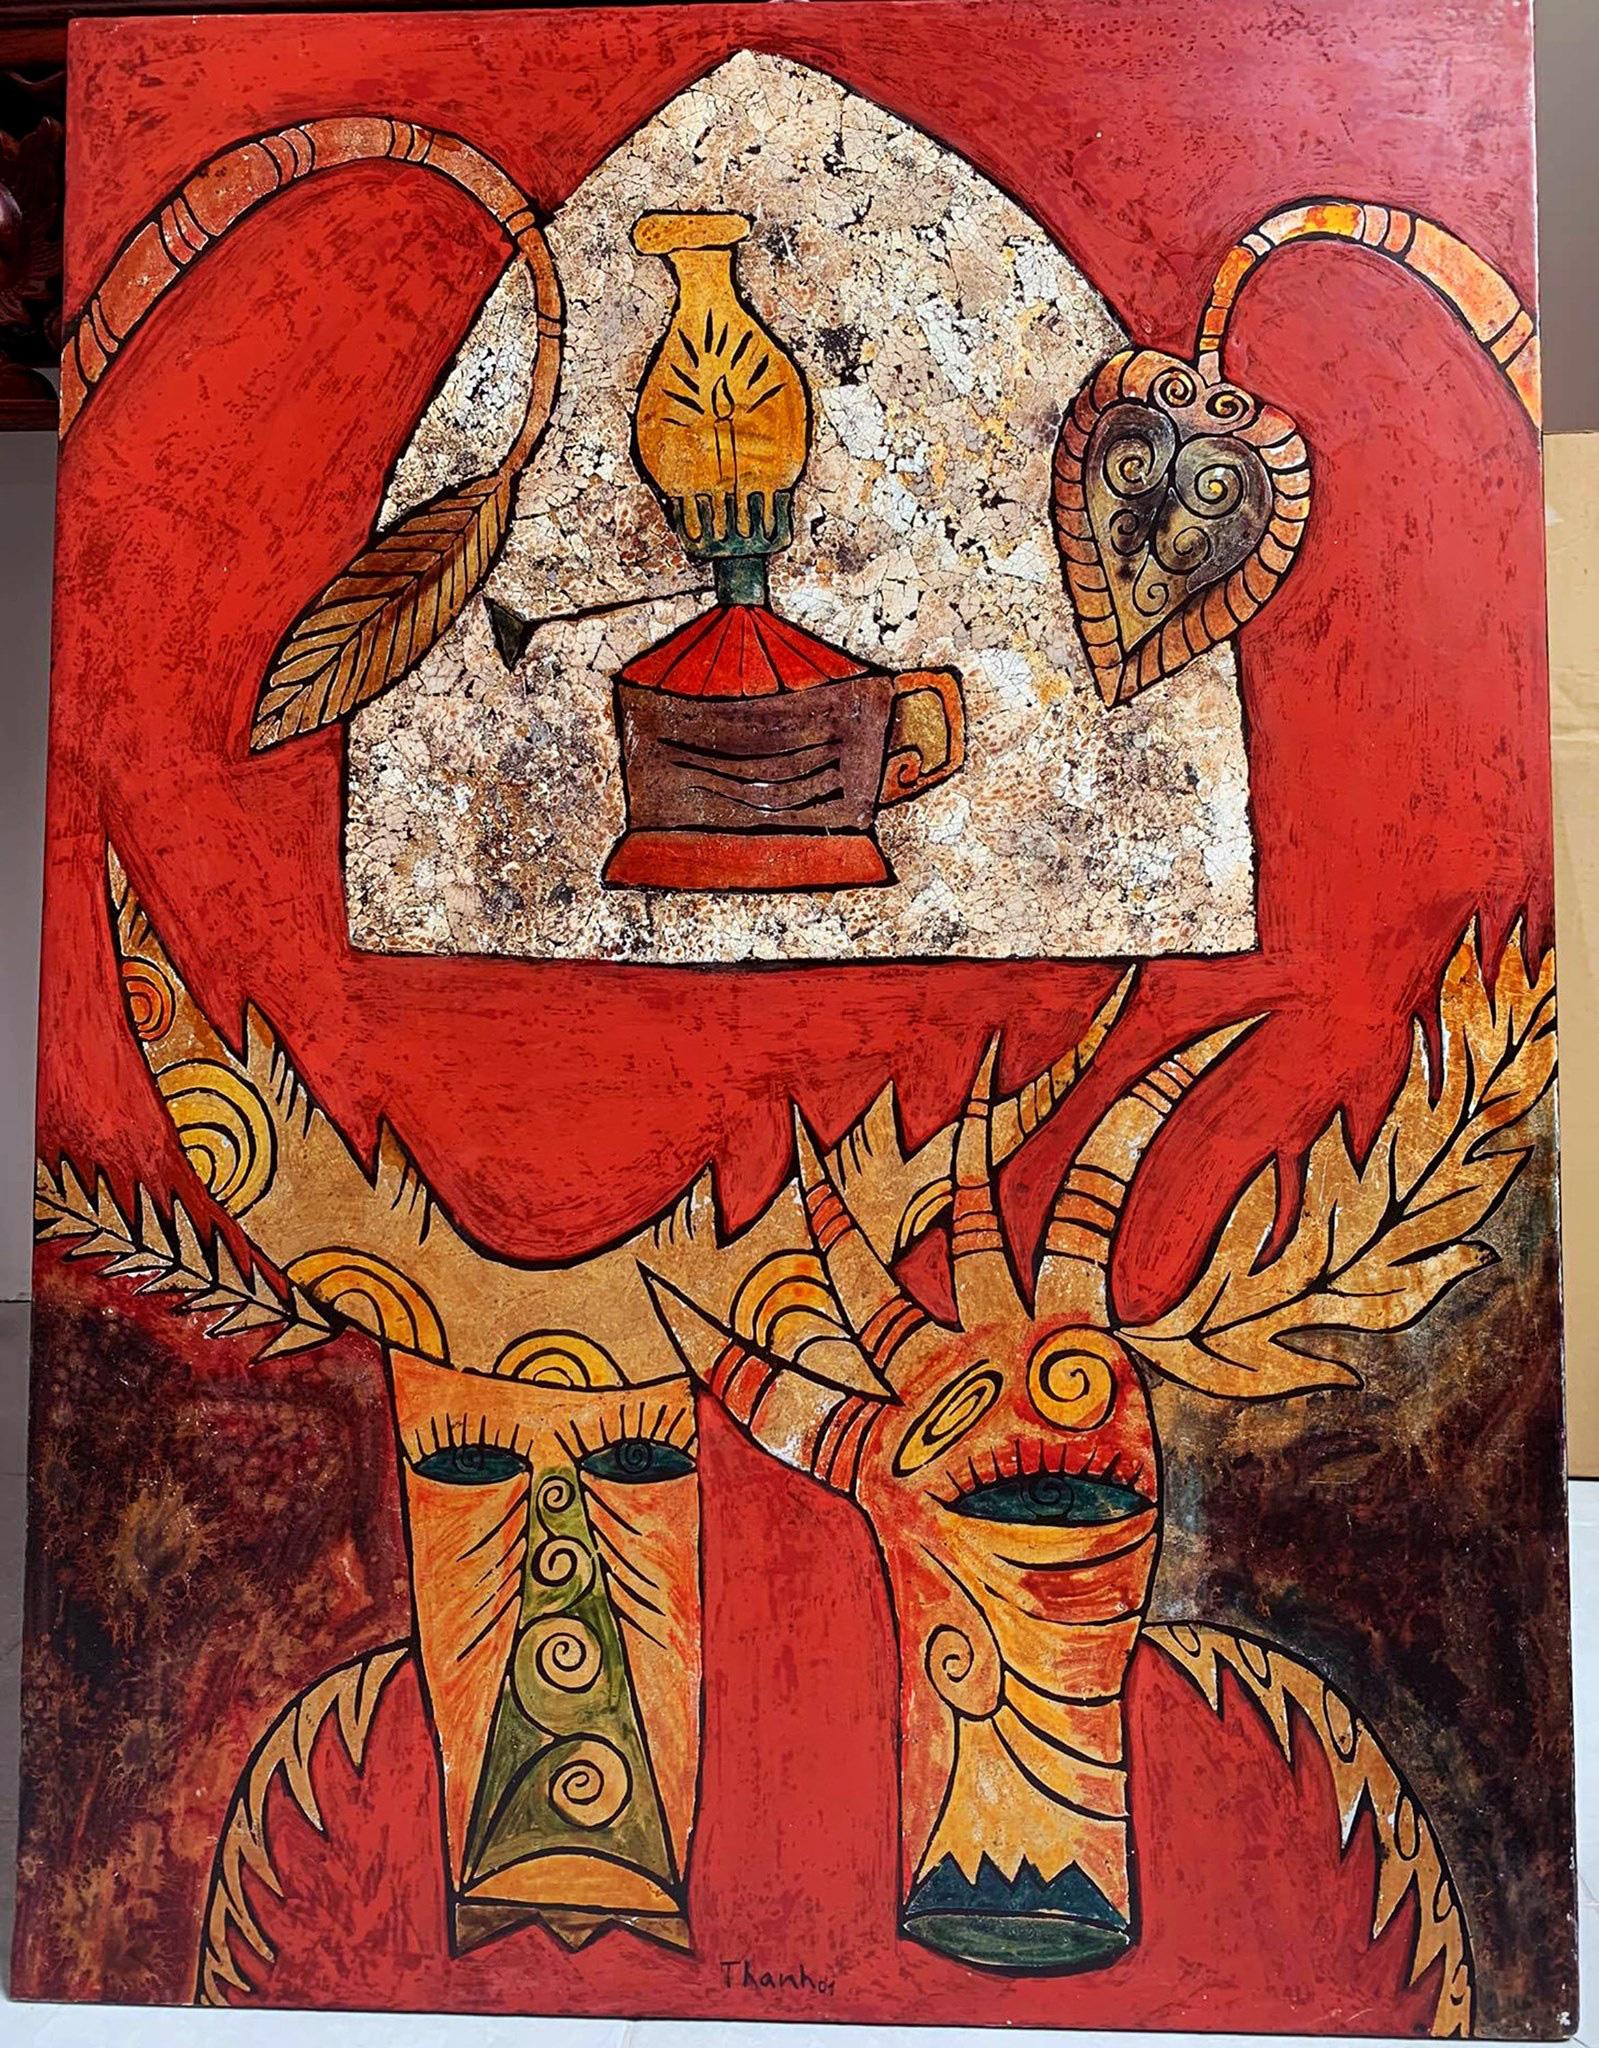 """""""République D'Art"""" - triển lãm tranh của các danh họa và họa sĩ đương đại  - Ảnh 1."""